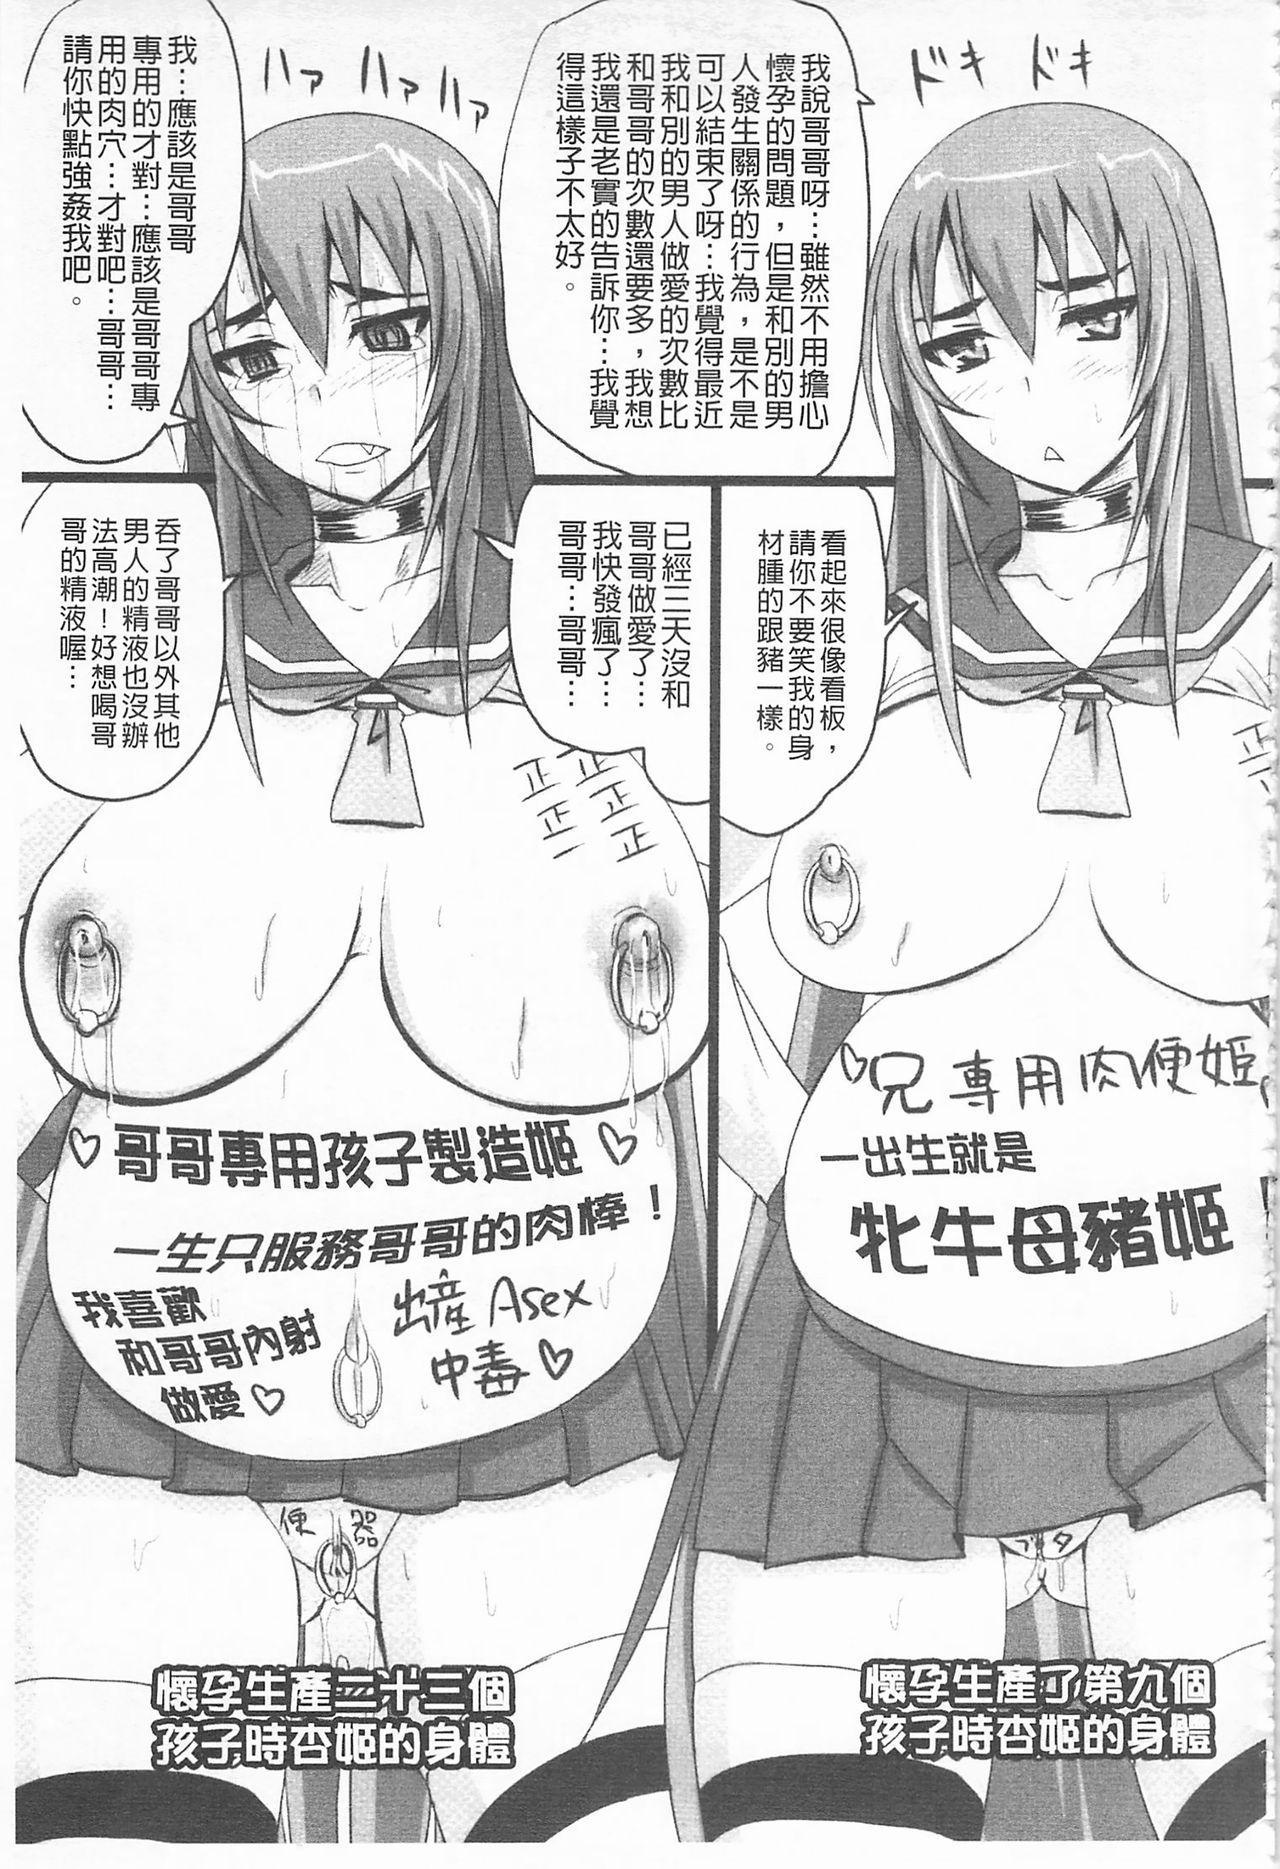 [Nozarashi Satoru] Do S na Hime wa Kegasareru -Ouhou no Shou-   超S的公主被玷汙了 ~報應之章~ [Chinese] 175